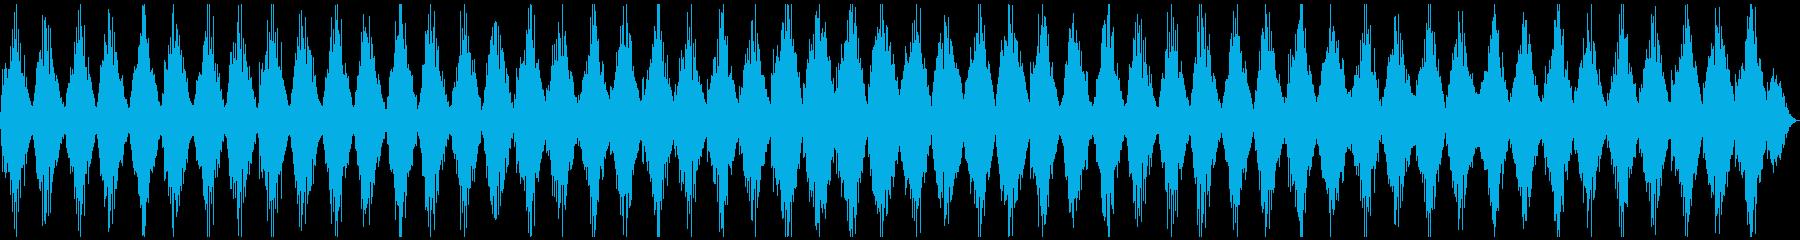 瞑想やヨガ、睡眠誘導のための音楽 09bの再生済みの波形